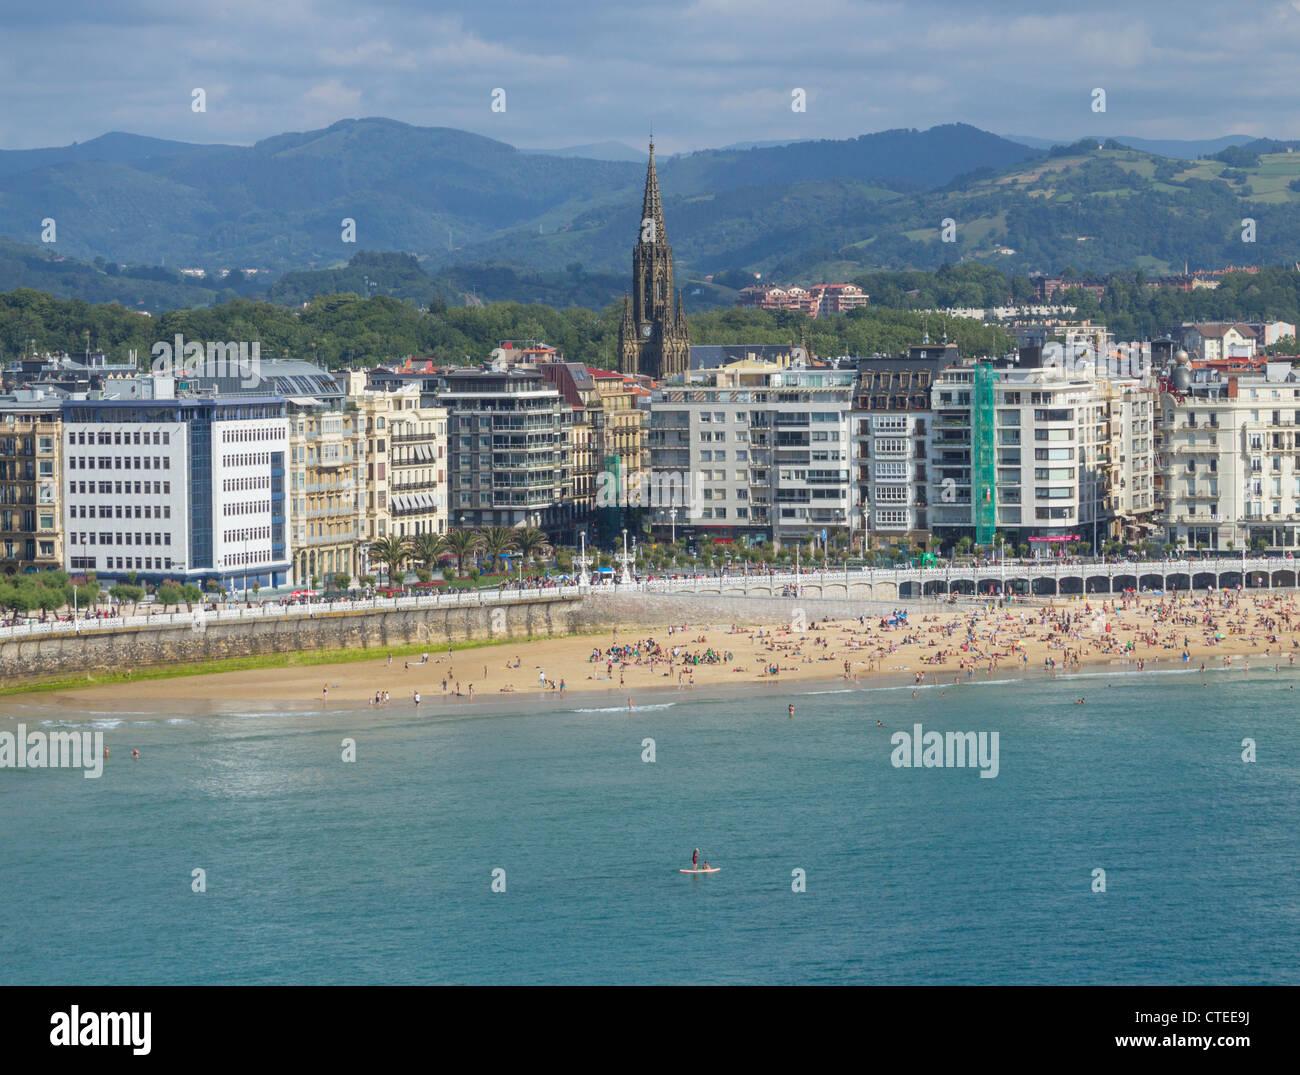 View over Concha beach. San Sebastian, Donostia, Basque Country, Spain - Stock Image